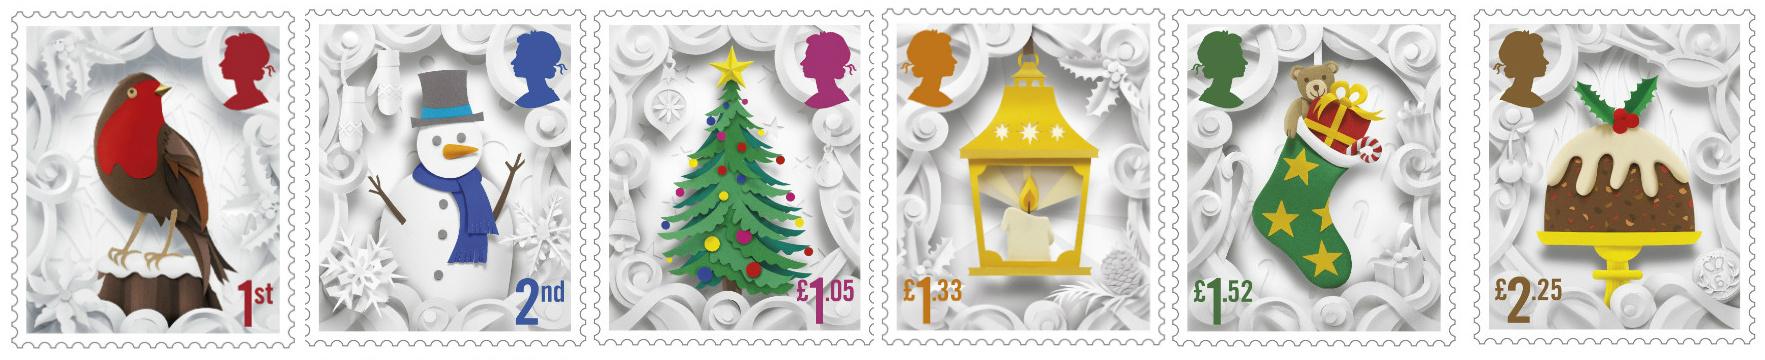 Christmas Stamps 2016.